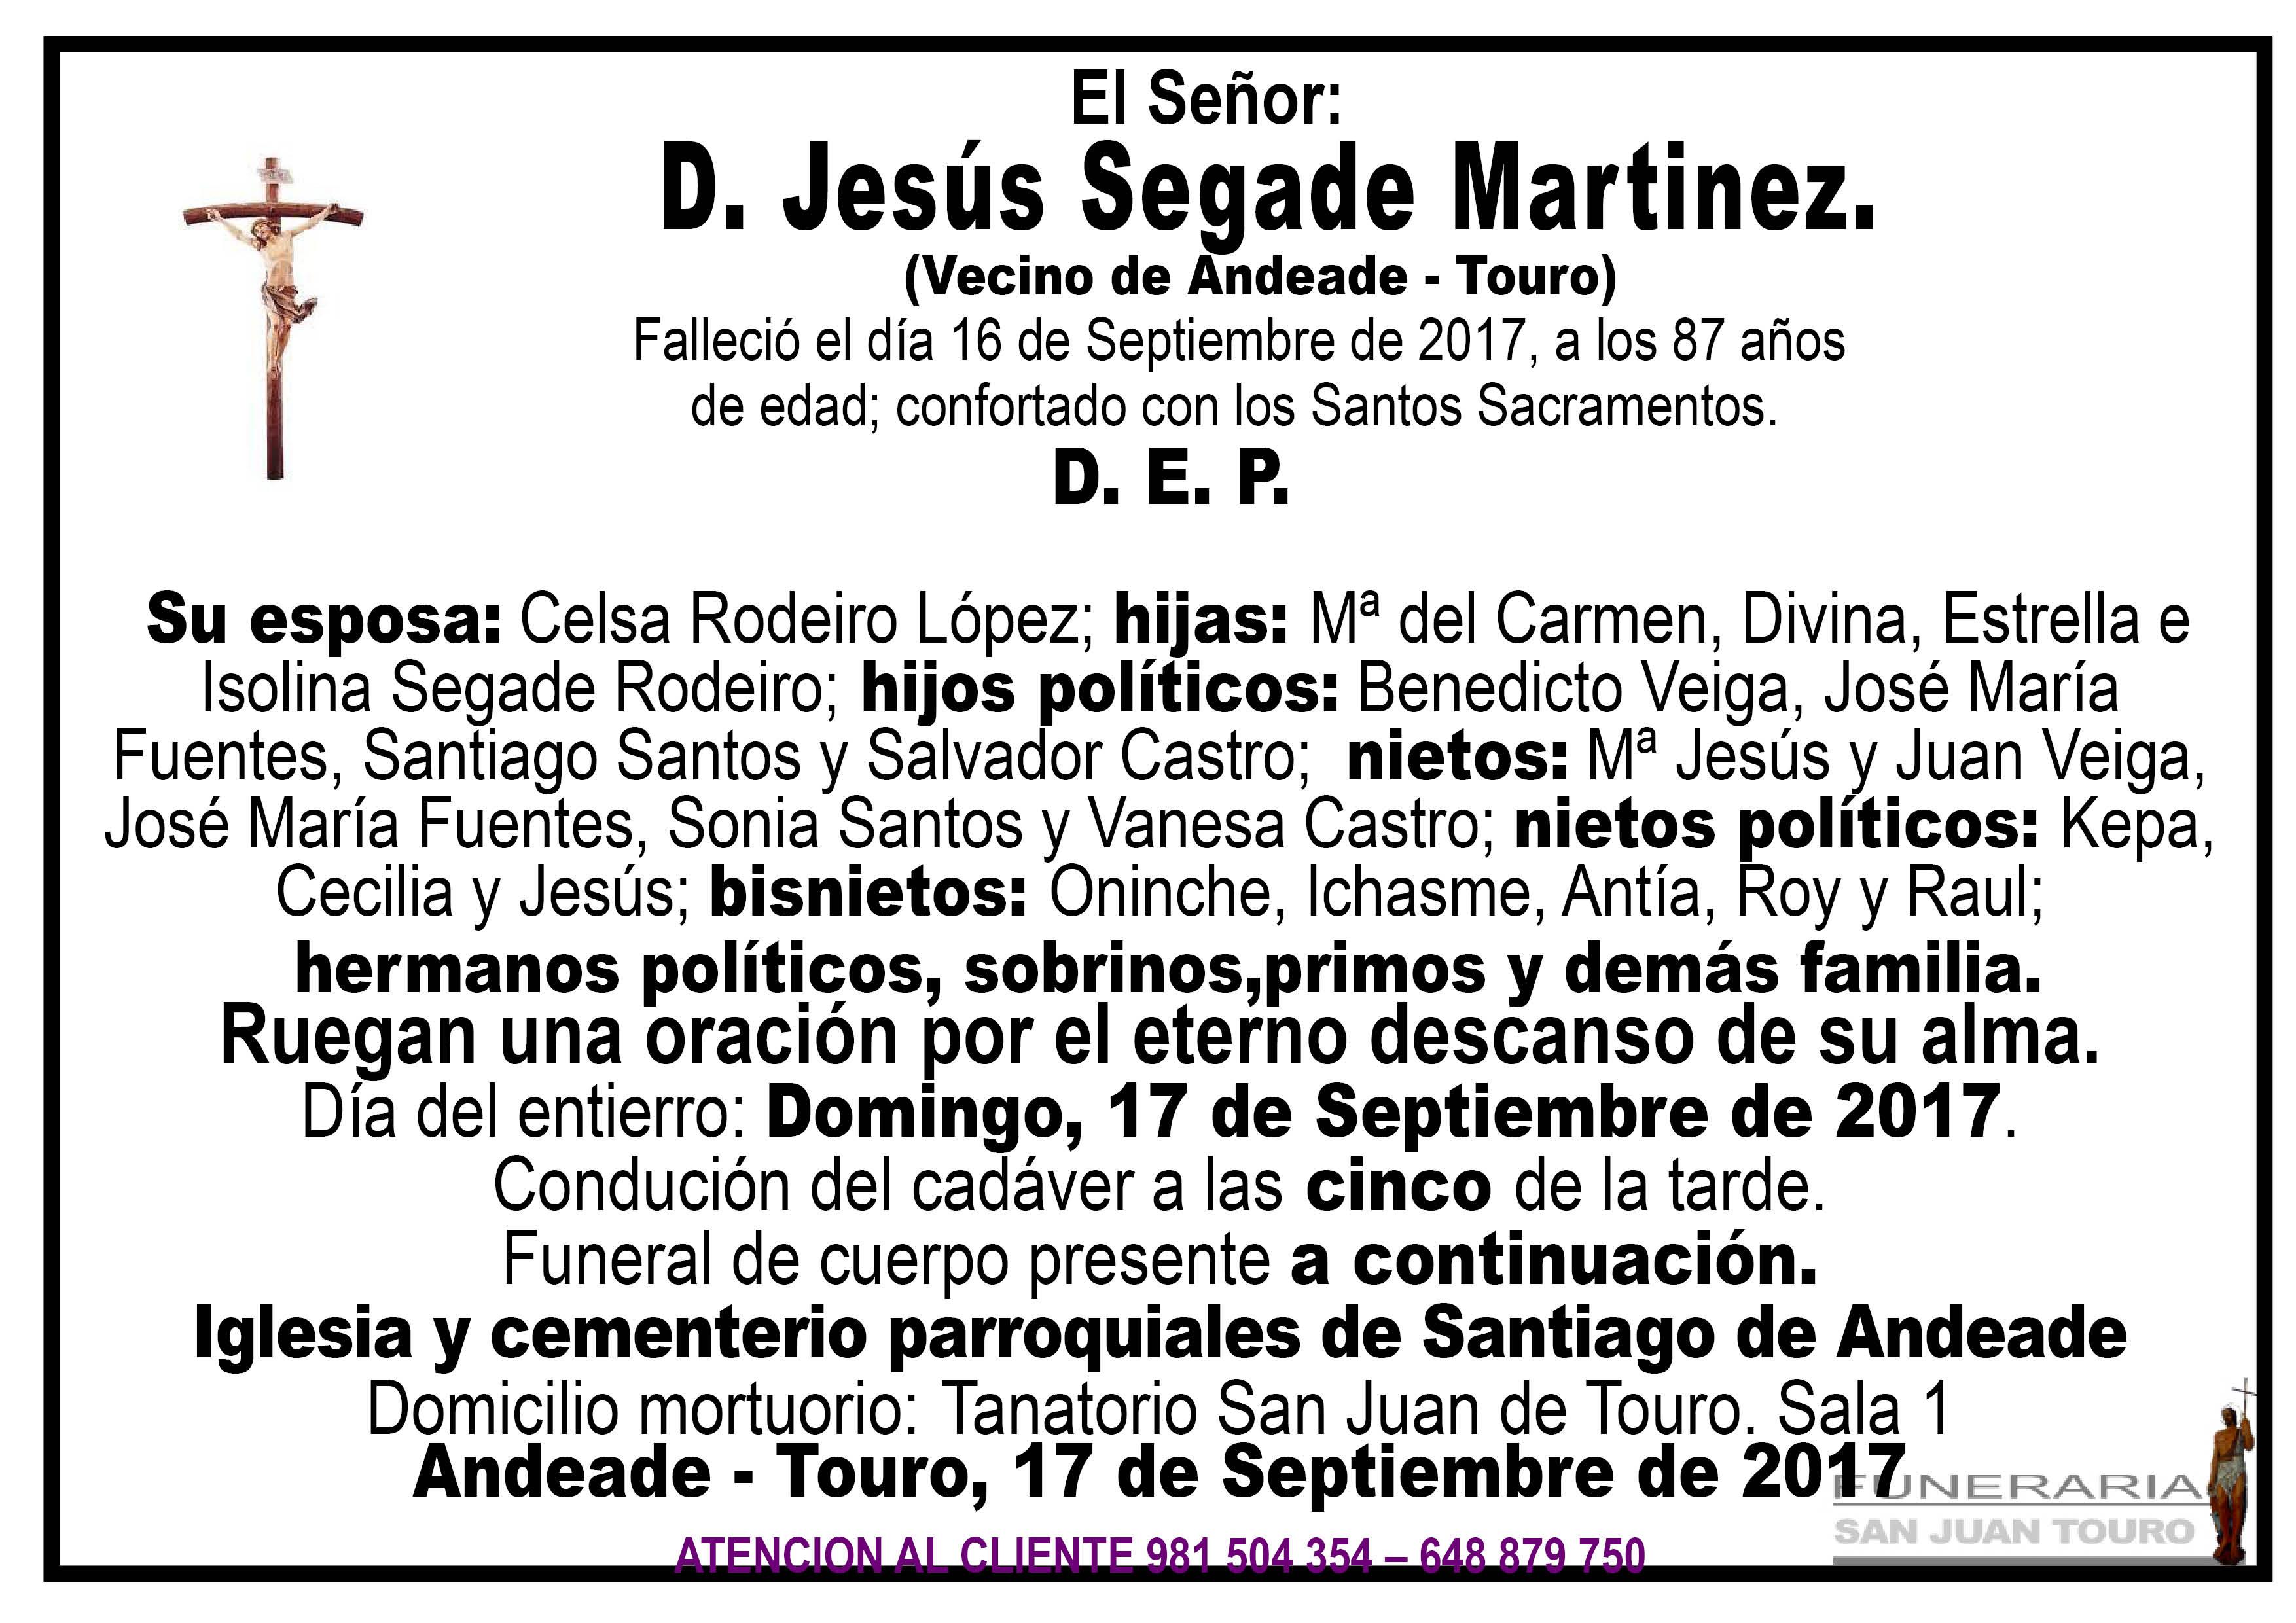 Esquela de SEPELIO DE JESUS SEGADE MARTINEZ